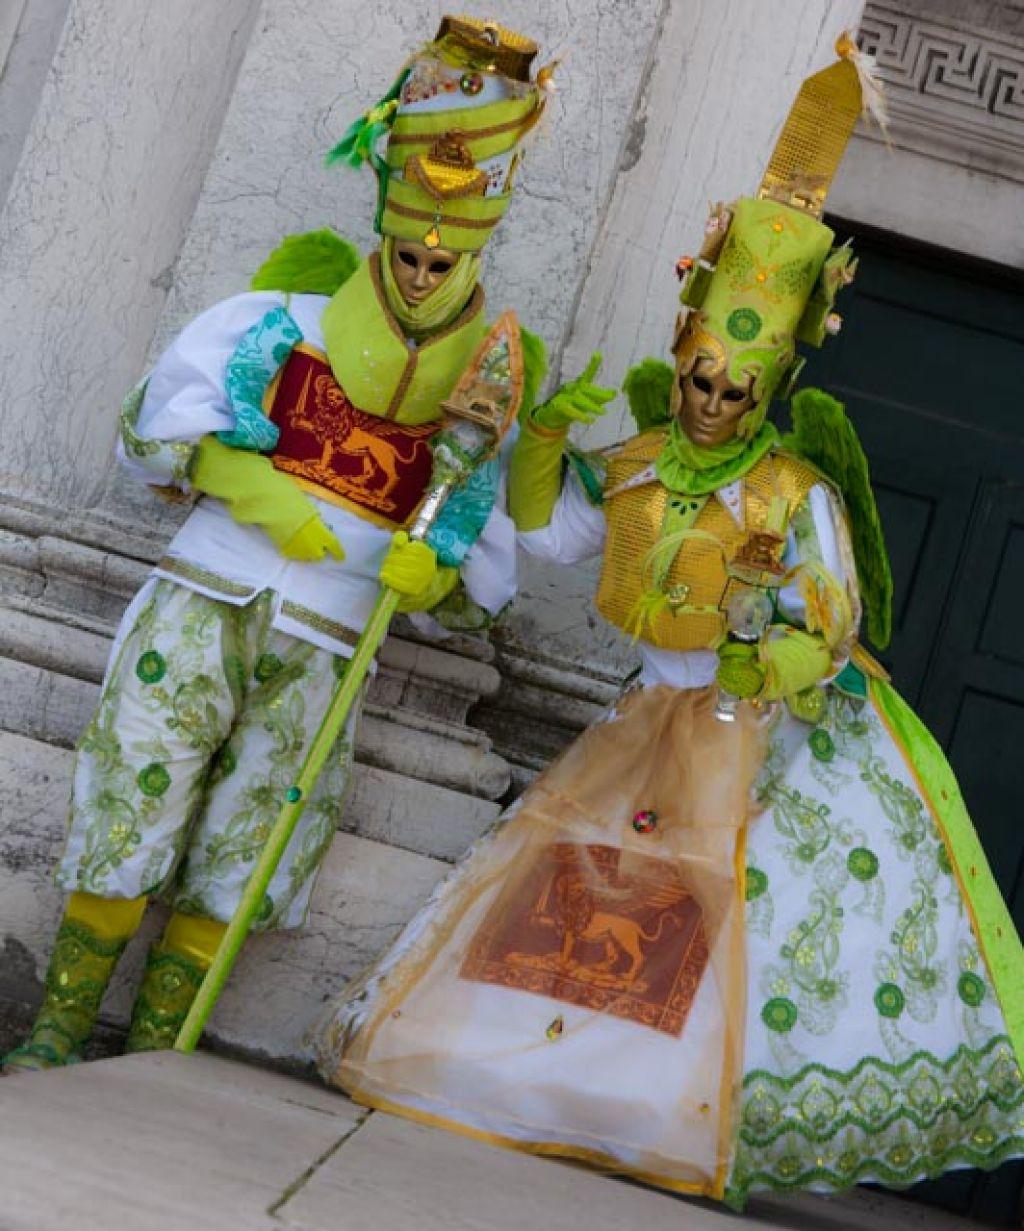 venice carnival11 Carnival Costumes at Santa Maria della Salute